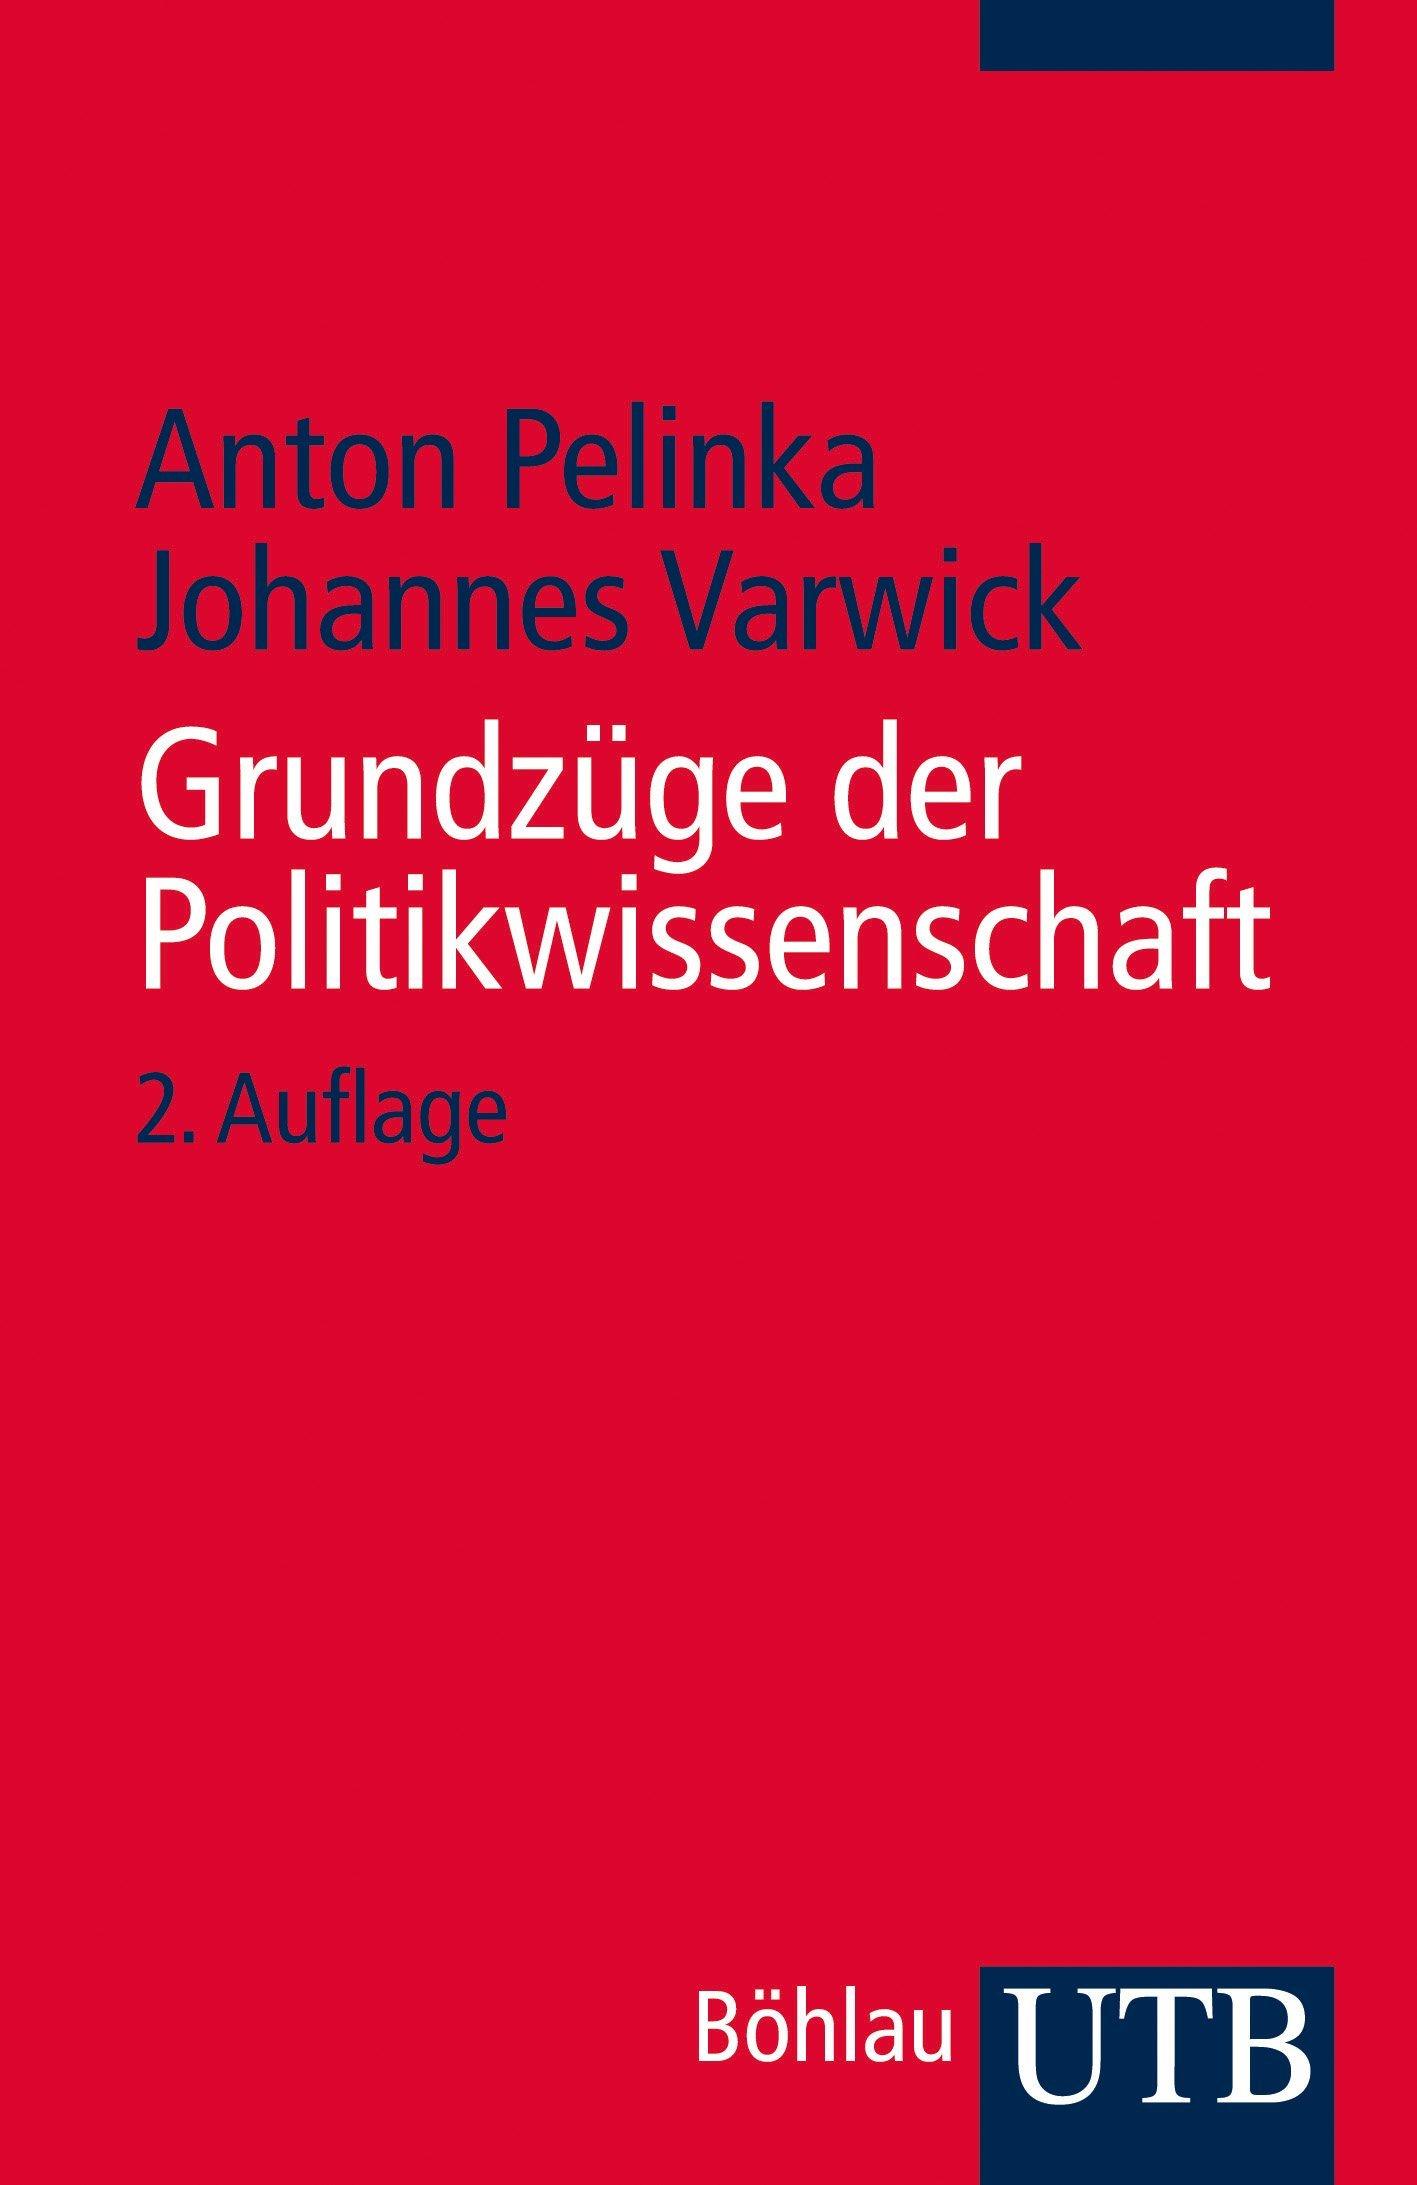 Grundzüge der Politikwissenschaft (Utb)